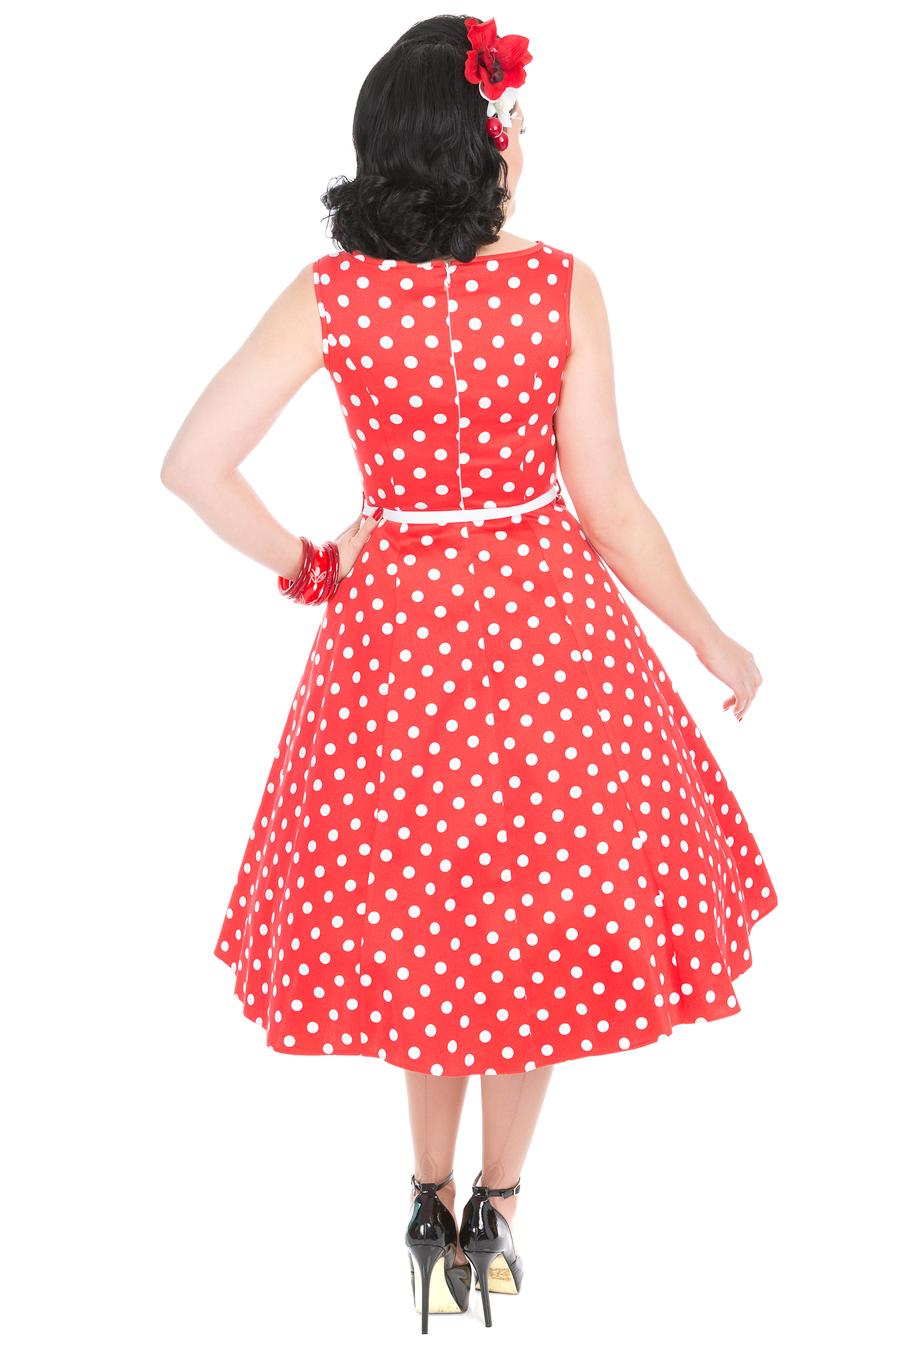 65bb7177558 Červené šaty s bílými puntíky Lady V London Audrey Lady V London ...